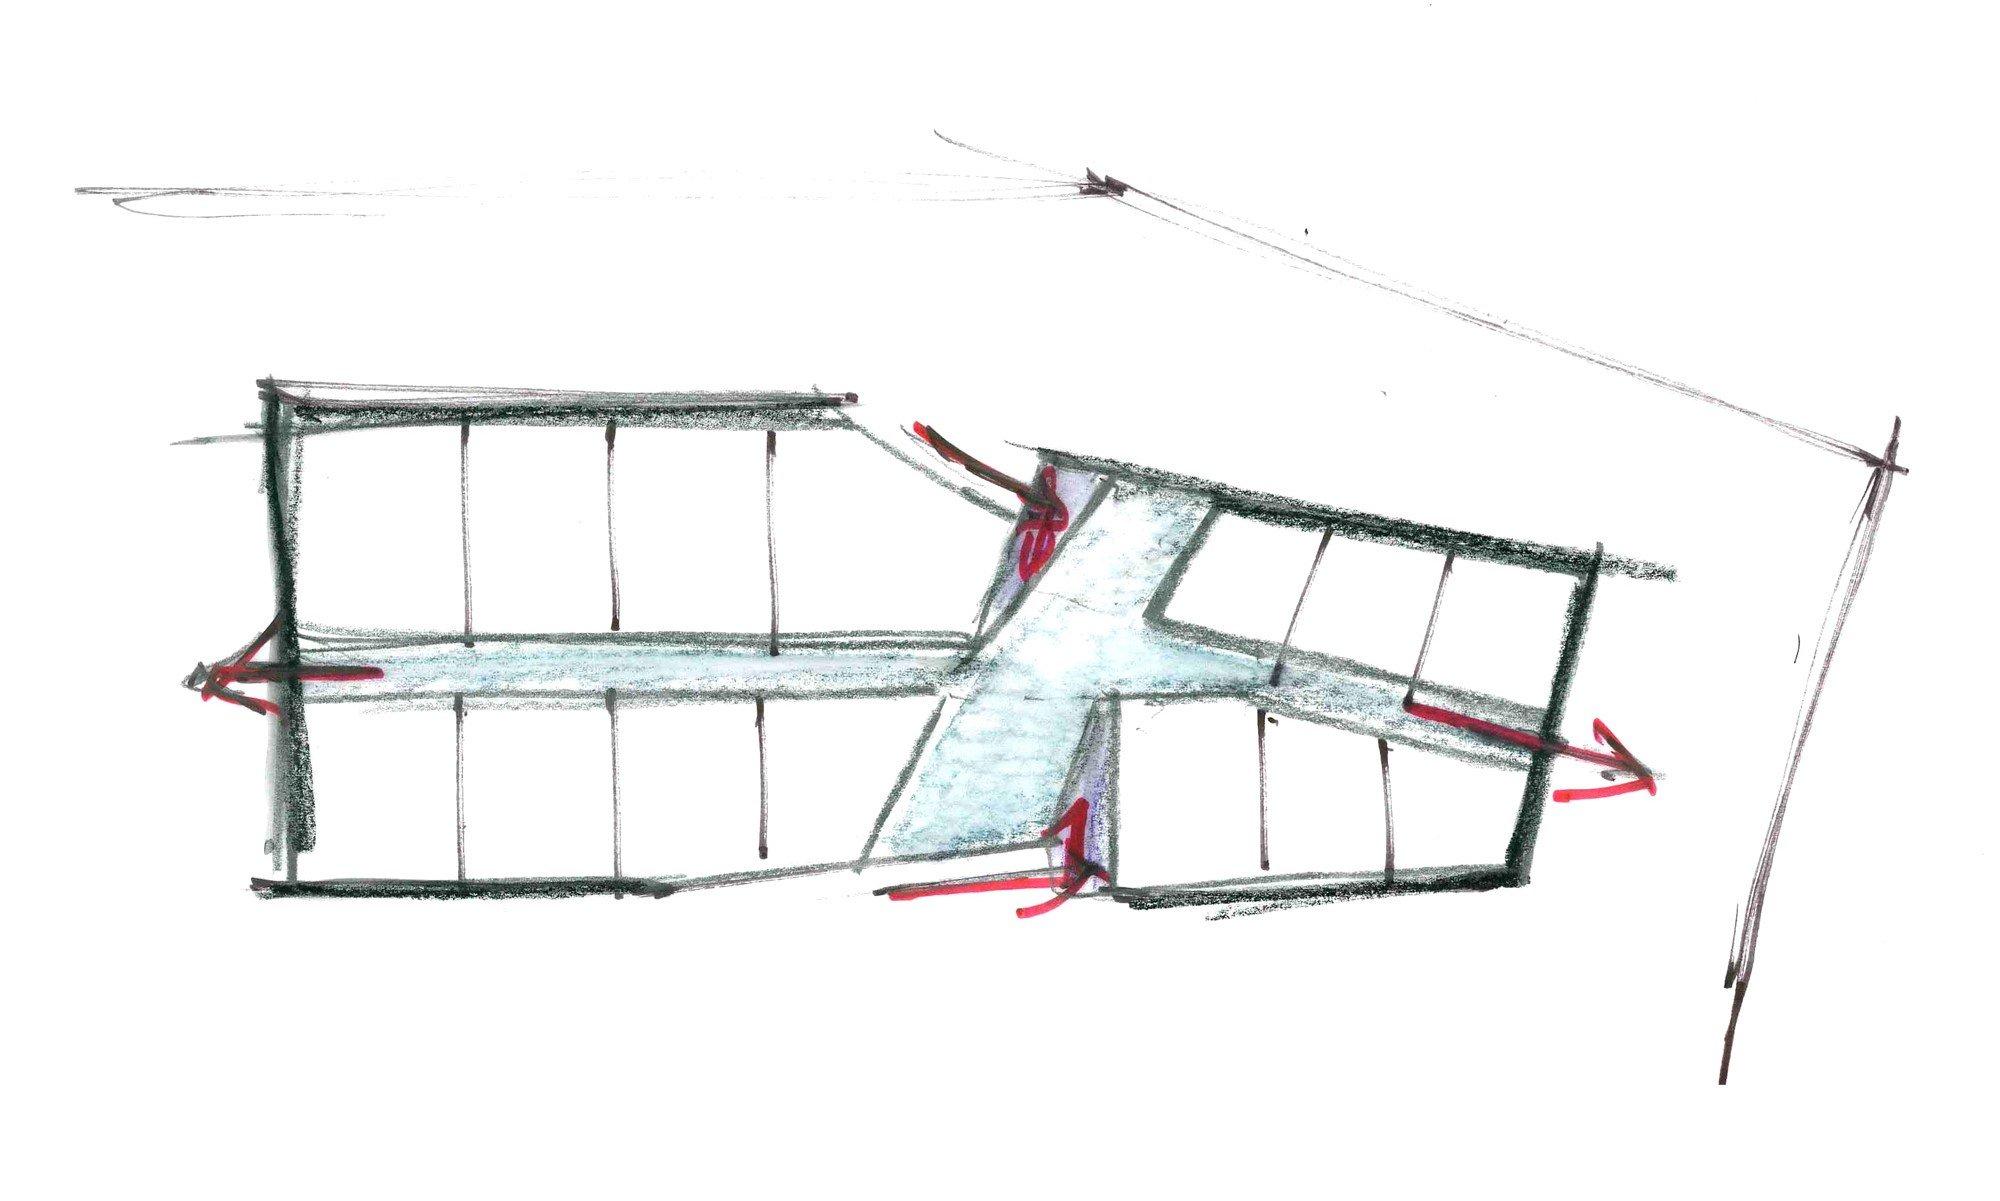 Schizzo di progetto © Shinberg.Levinas Architects